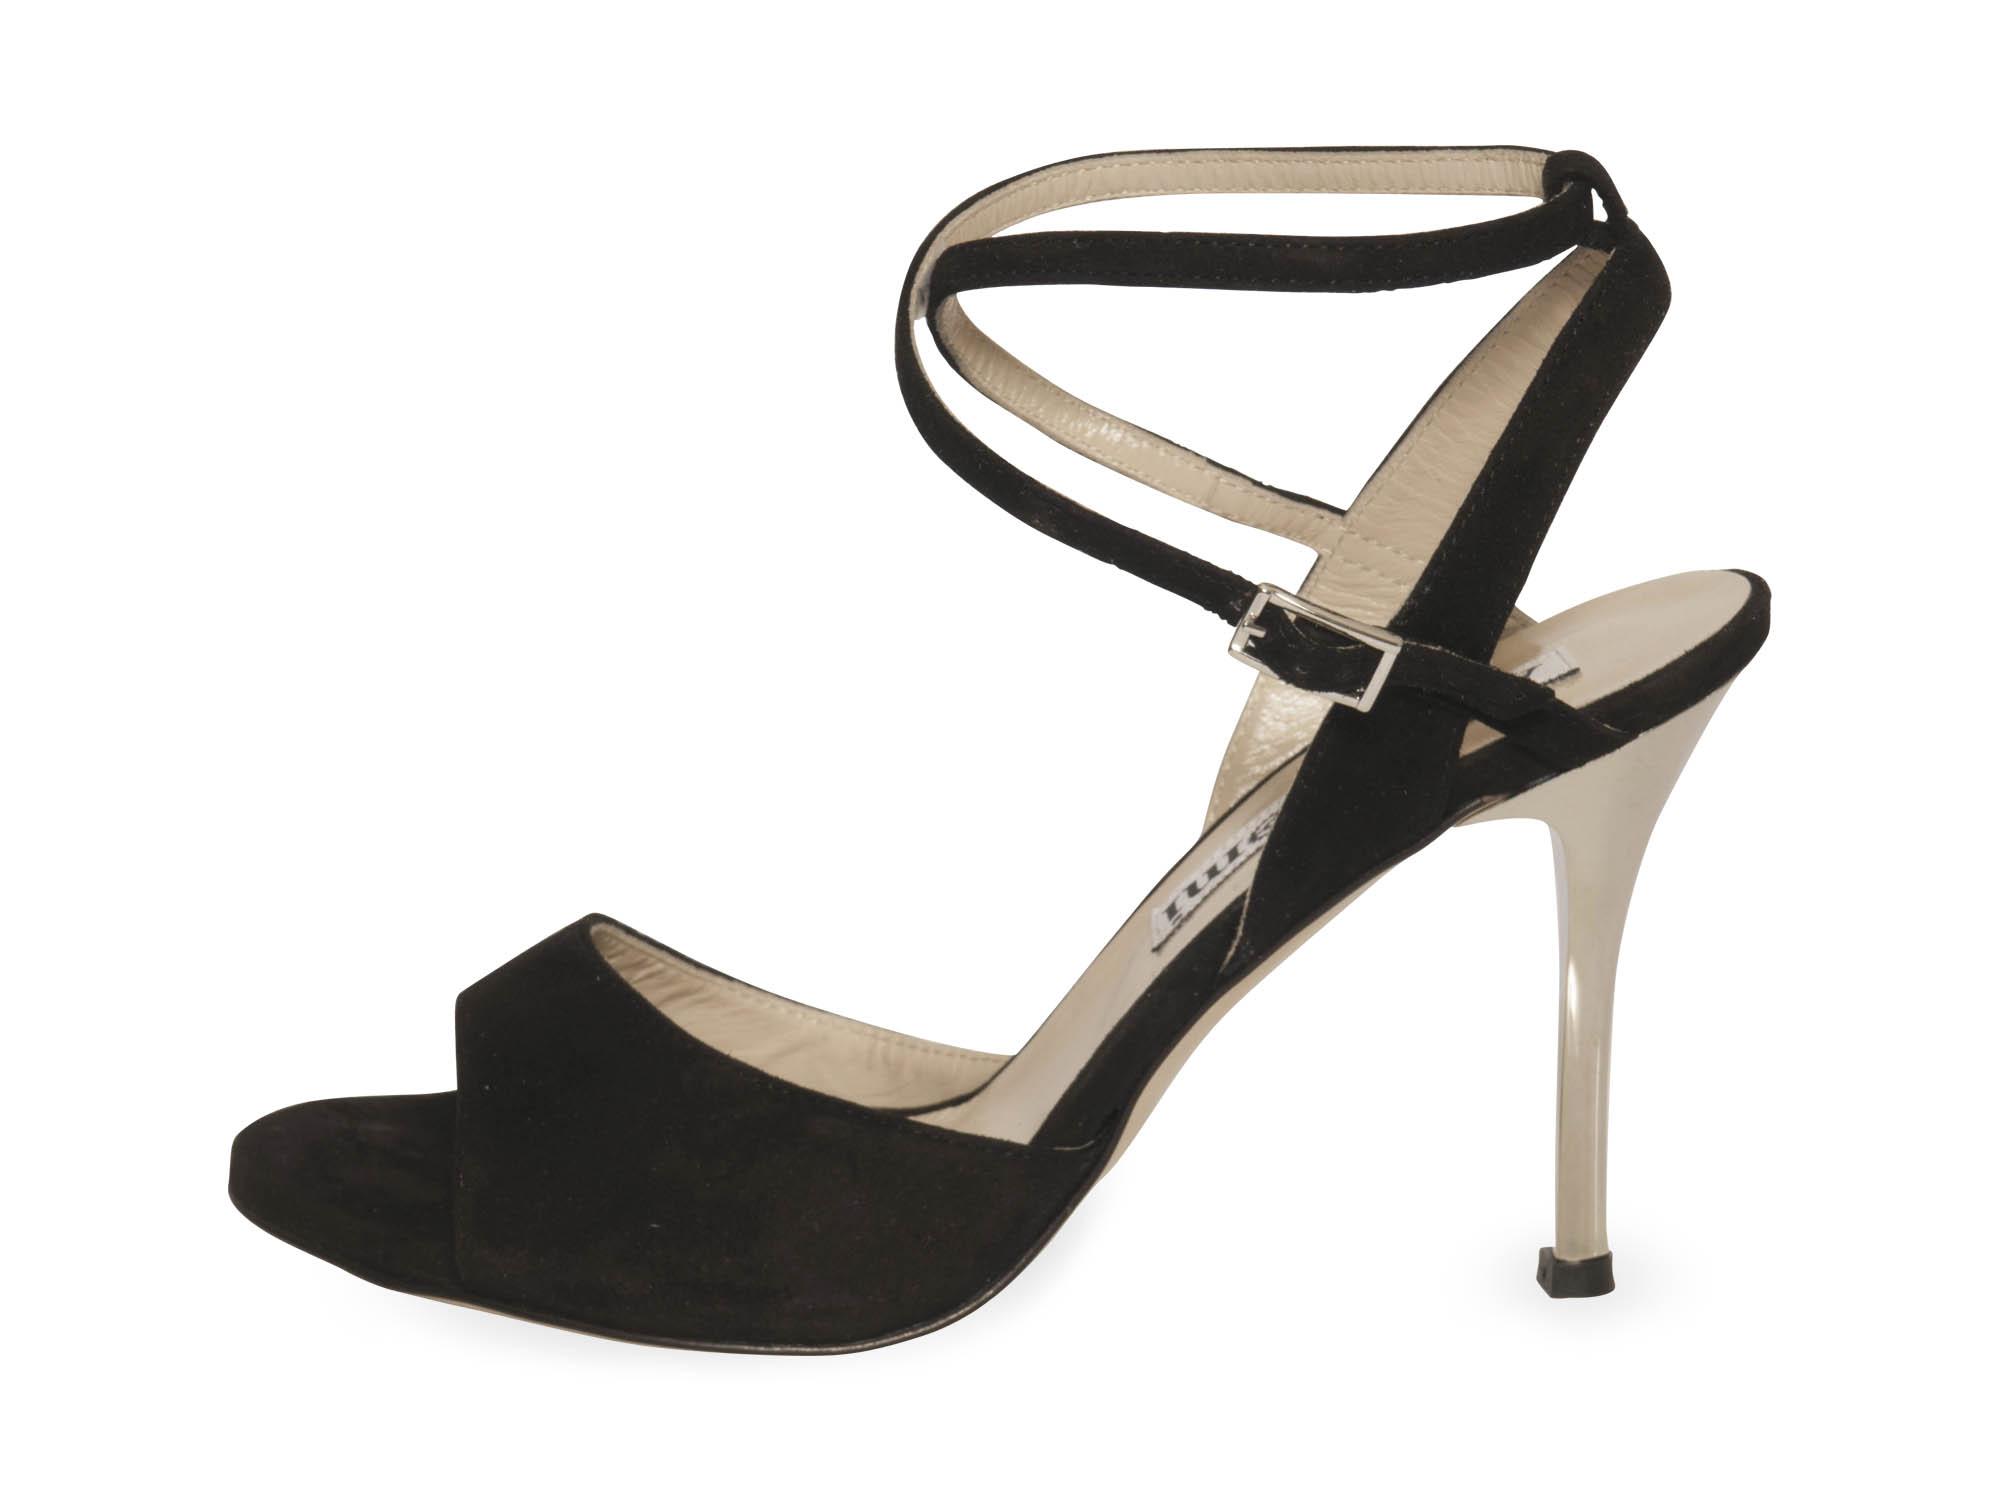 Maia Double Strap Black Suede Silver Heels